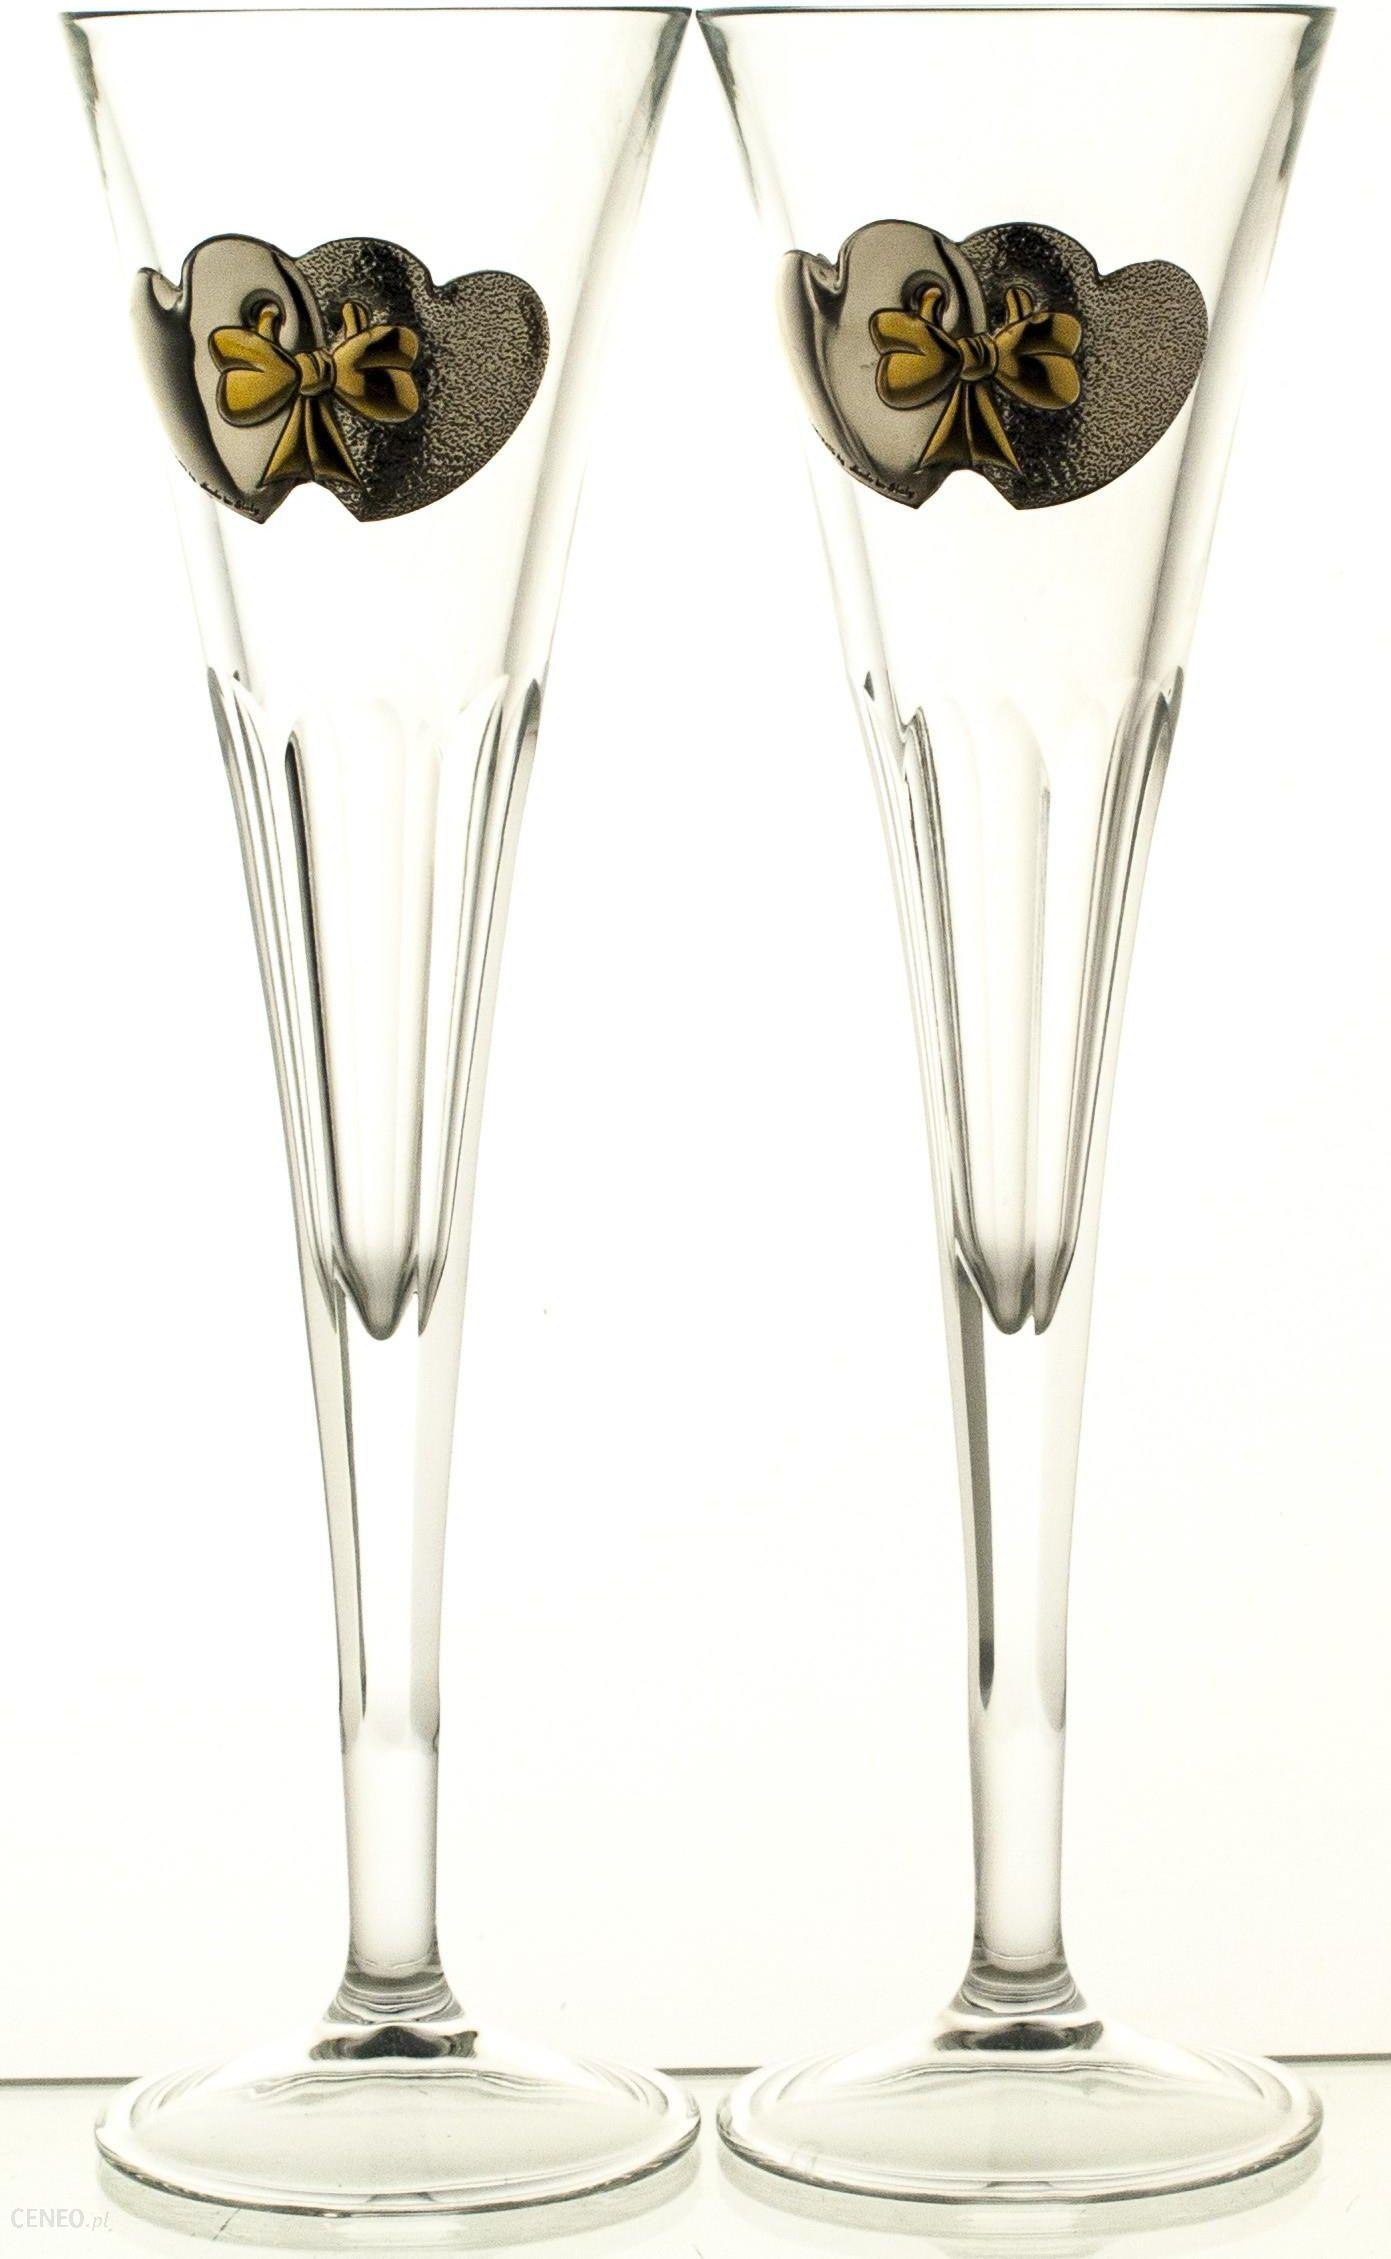 b94d6dbd66 Kieliszki ślubne 2 sztuki do szampana pod grawer 05829 - Opinie i ...